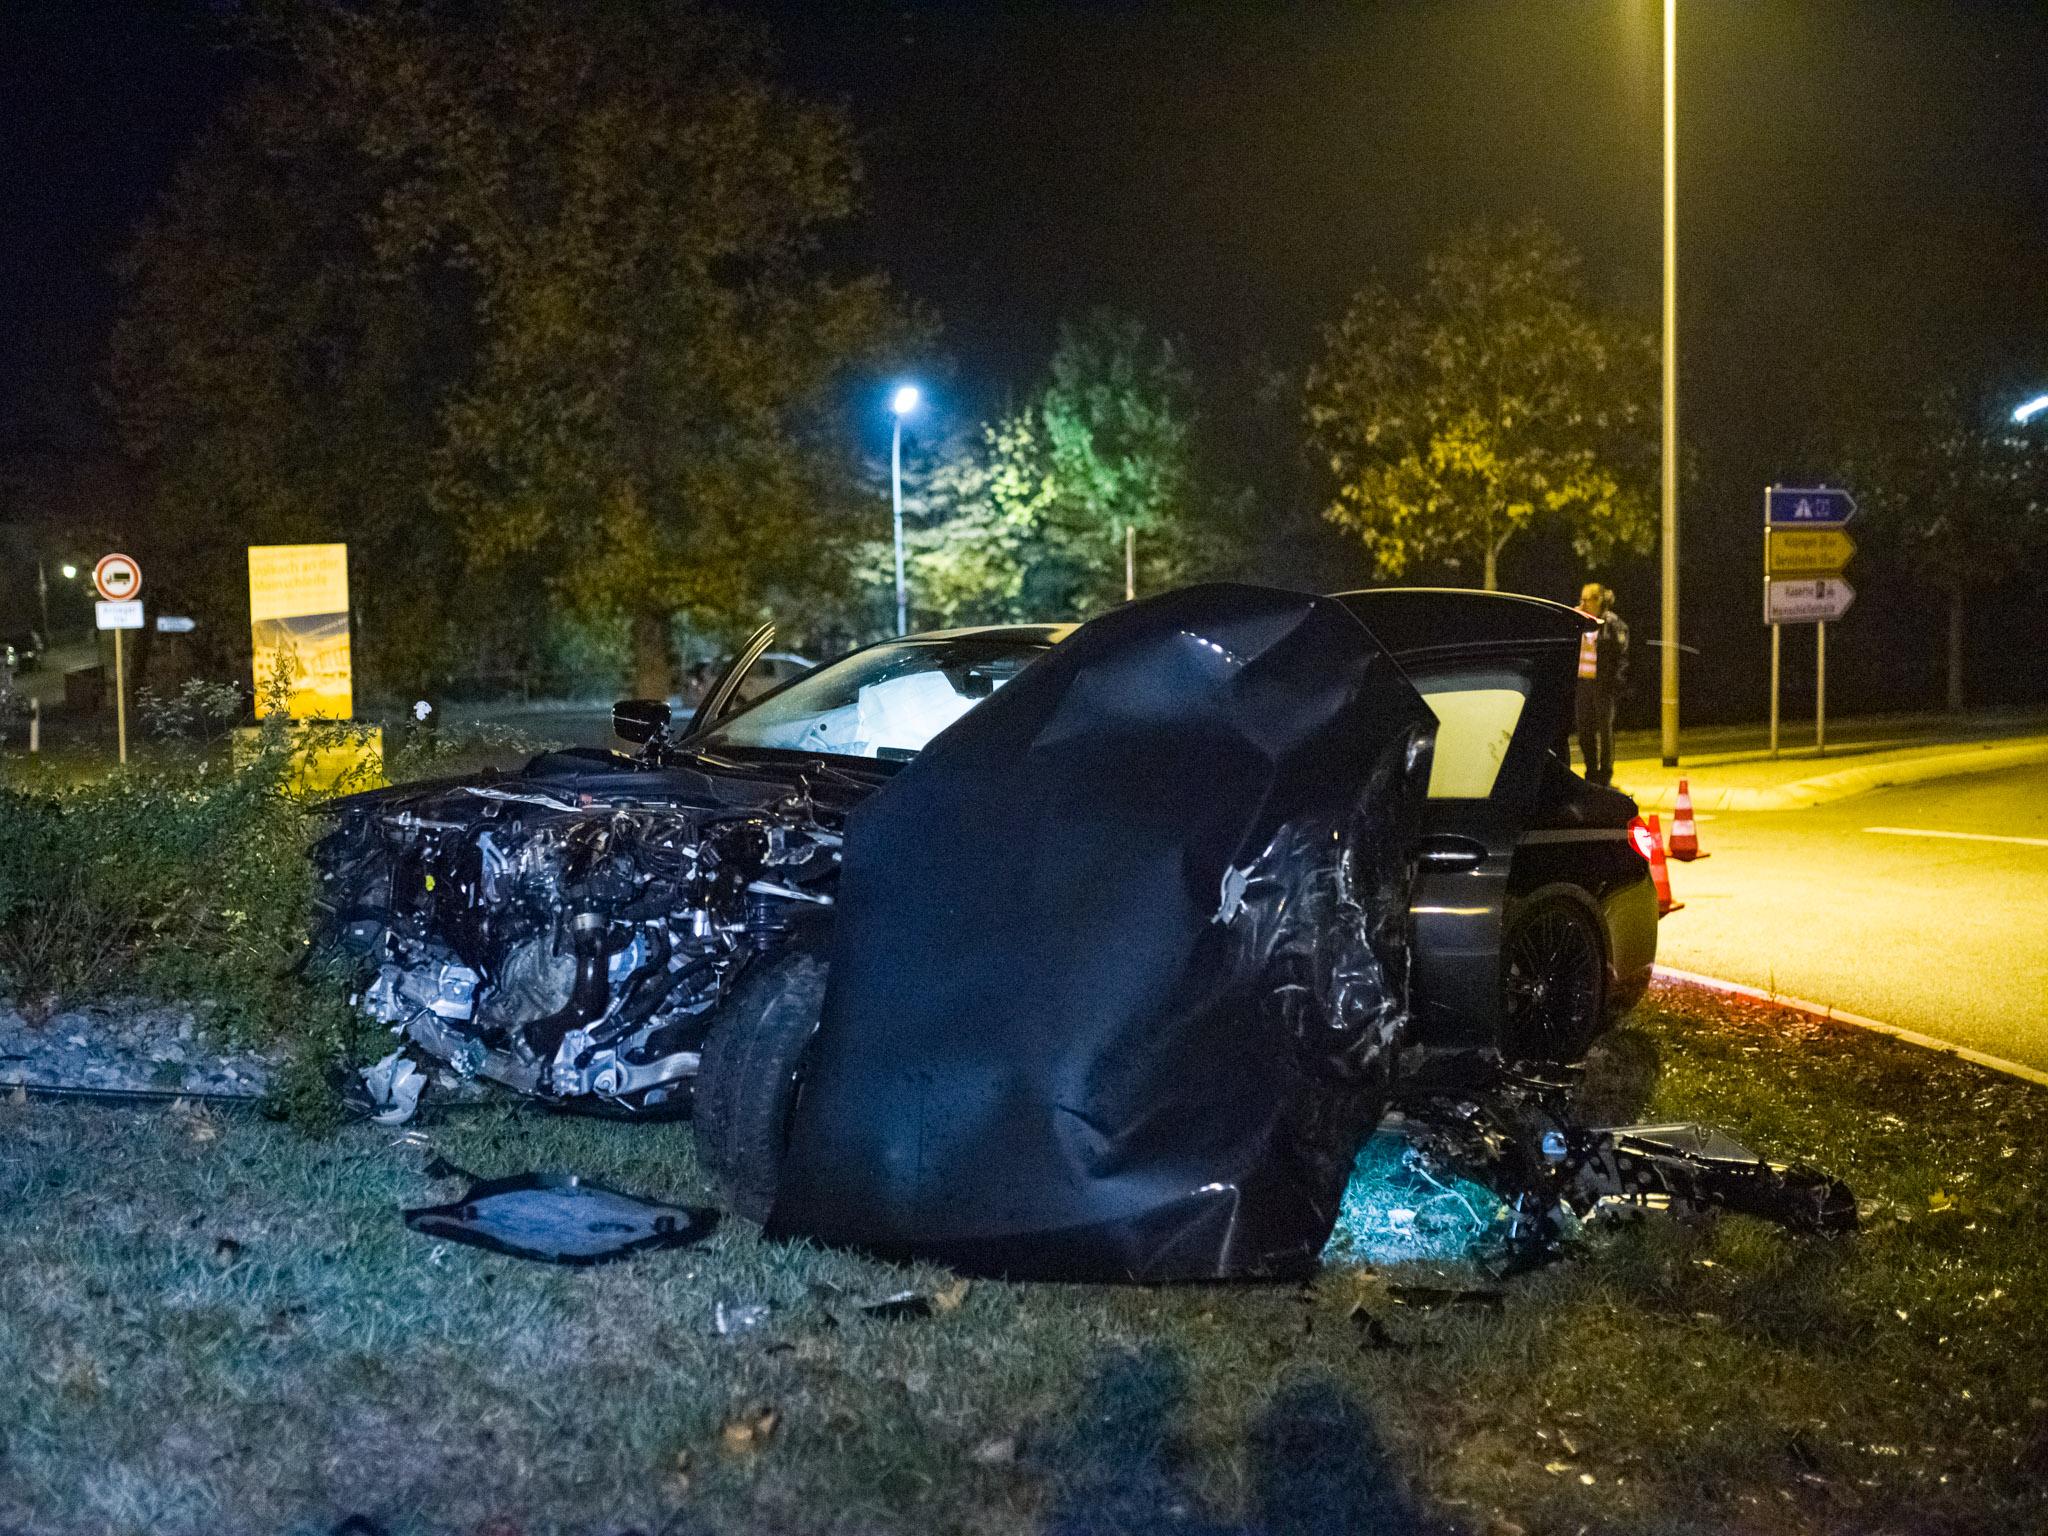 Durch den Zusammenstoß wurde der 40-jährige BMW-Fahrer leicht, der Dacia-Fahrer mittelschwer verletzt. Foto: Pascal Höfig